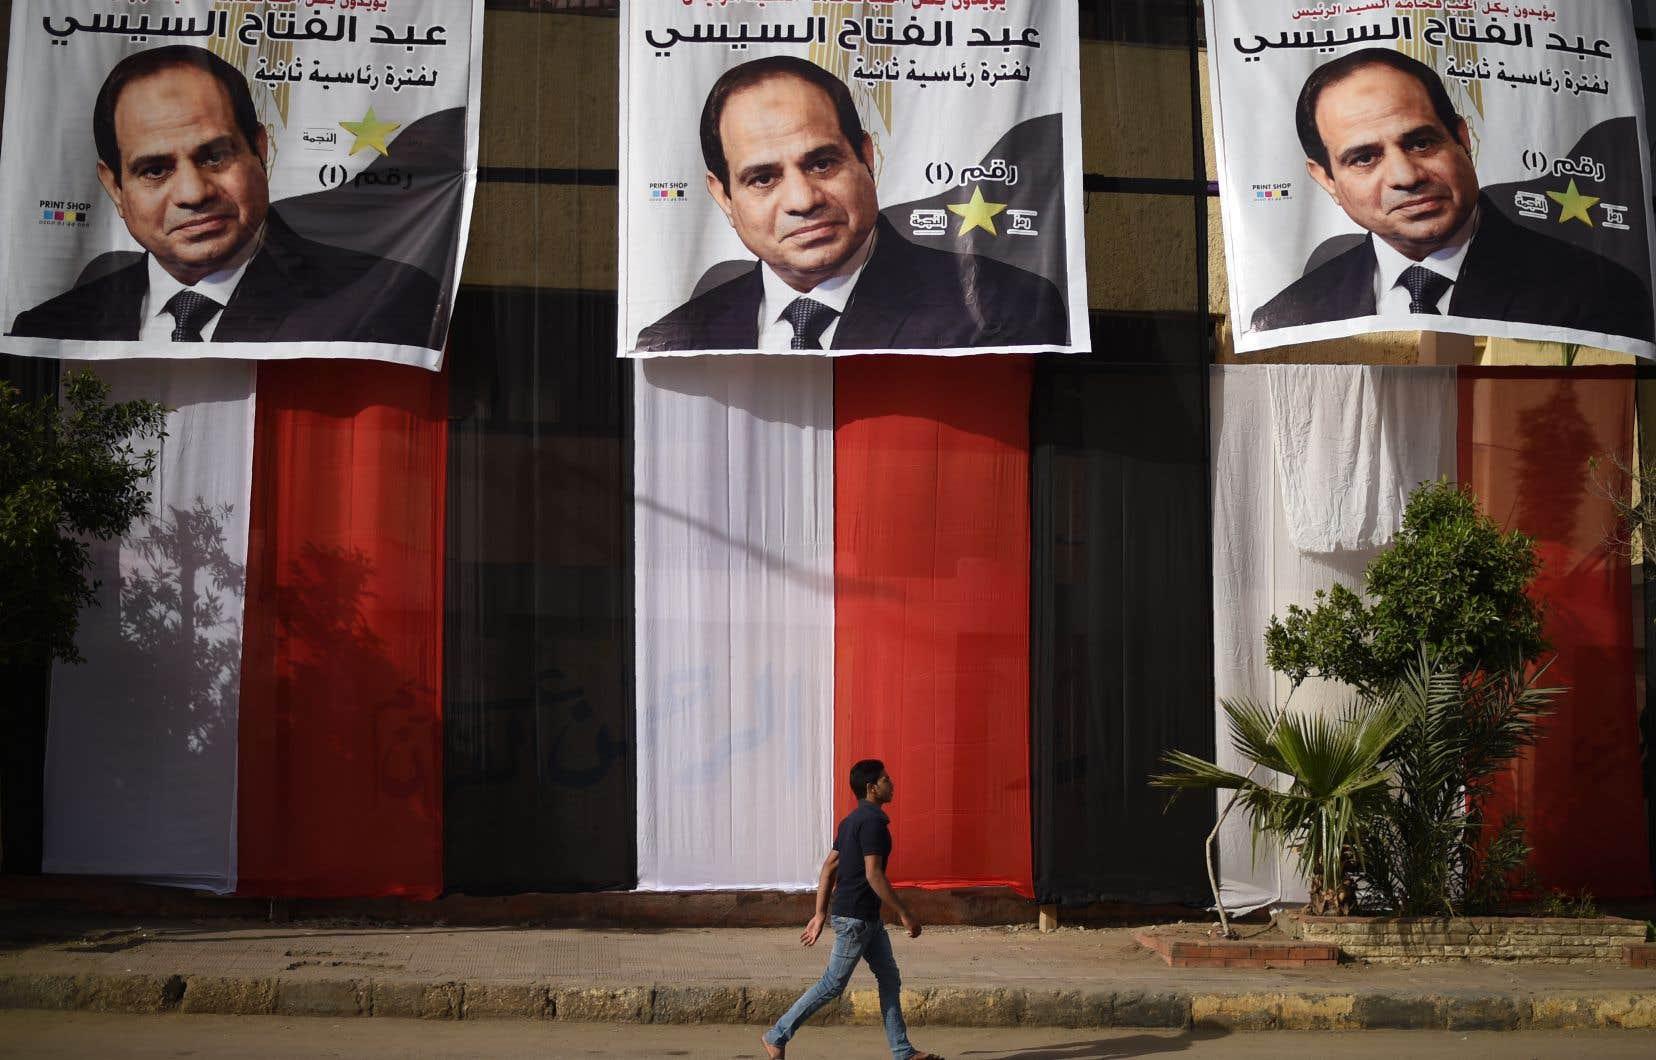 Des pancartes électorales montrant le président égyptien Abdel Fattah al-Sissi, réélu avec une majorité écrasante des voix